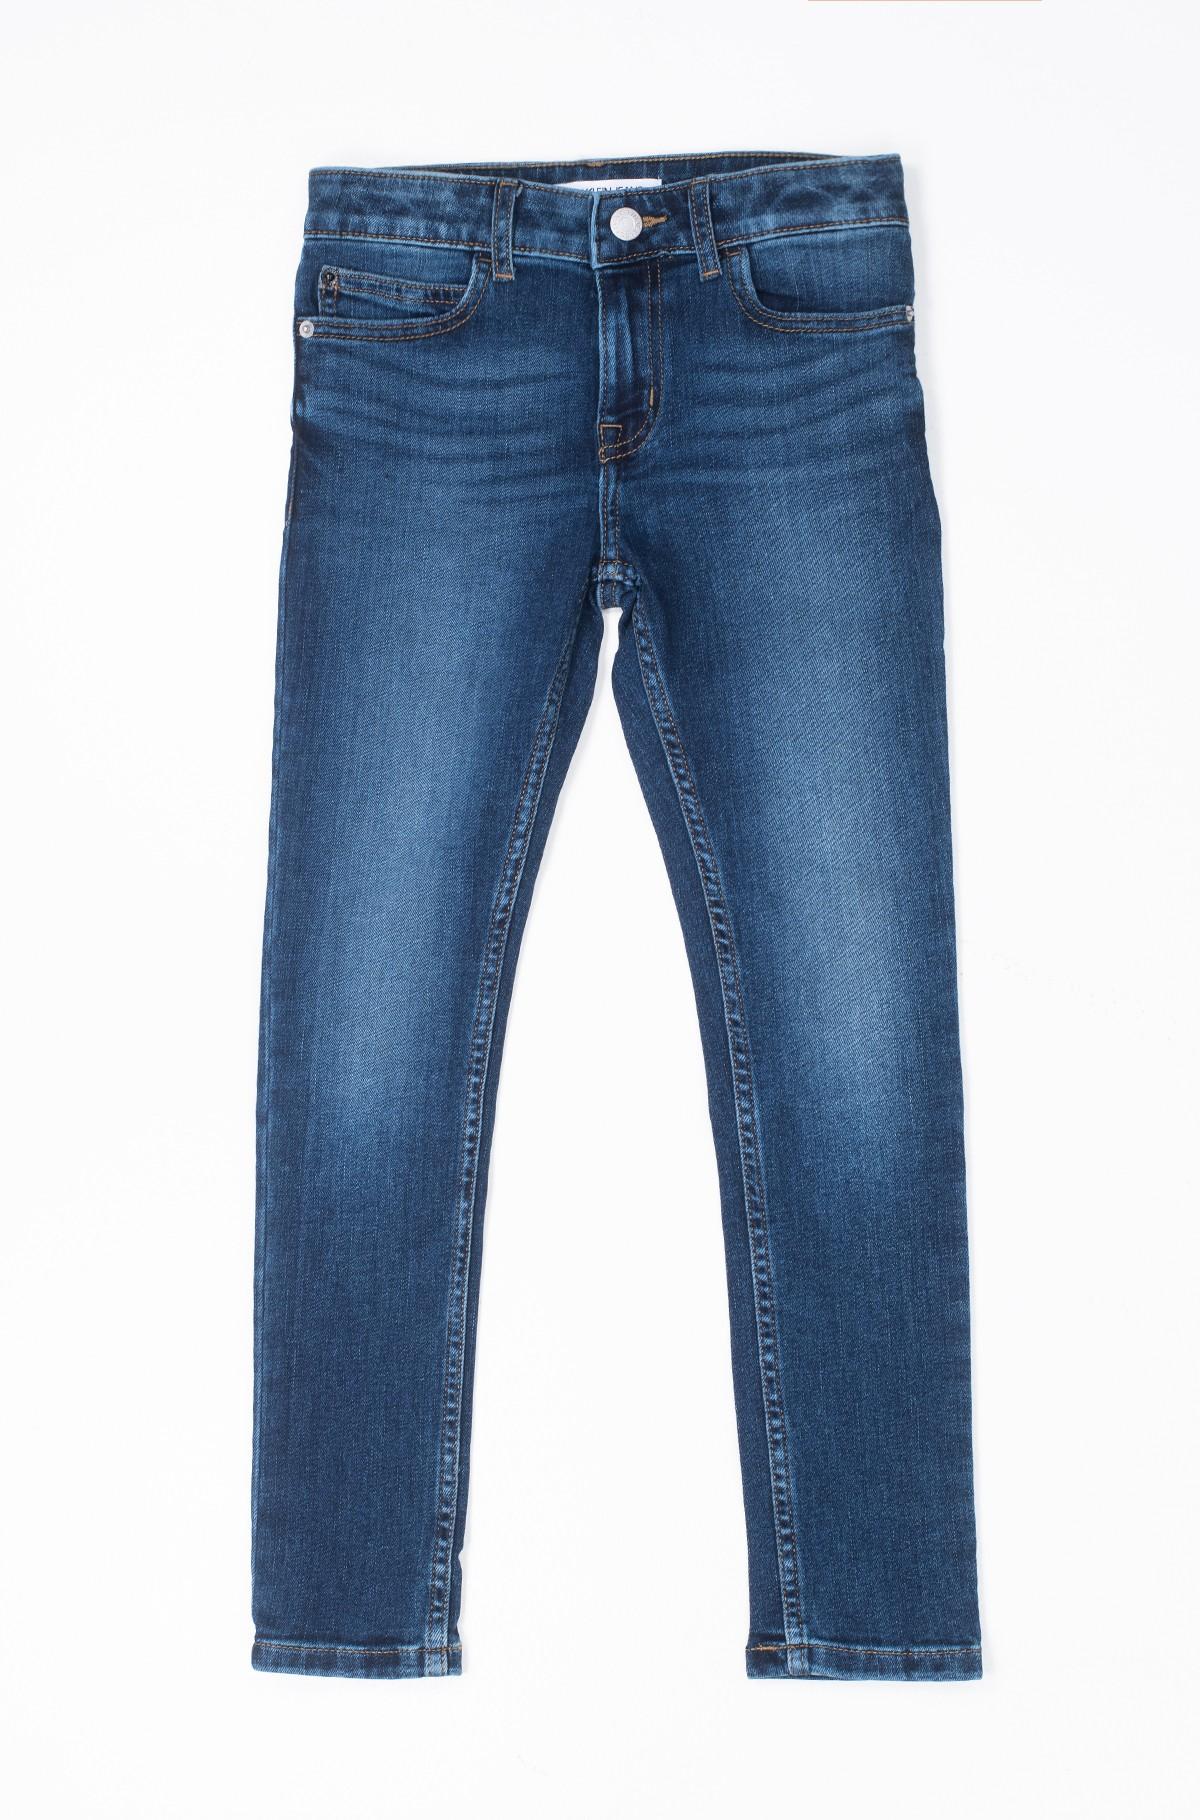 Laste teksapüksid SKINNY MR ESSENTIAL BLUE STR-full-1